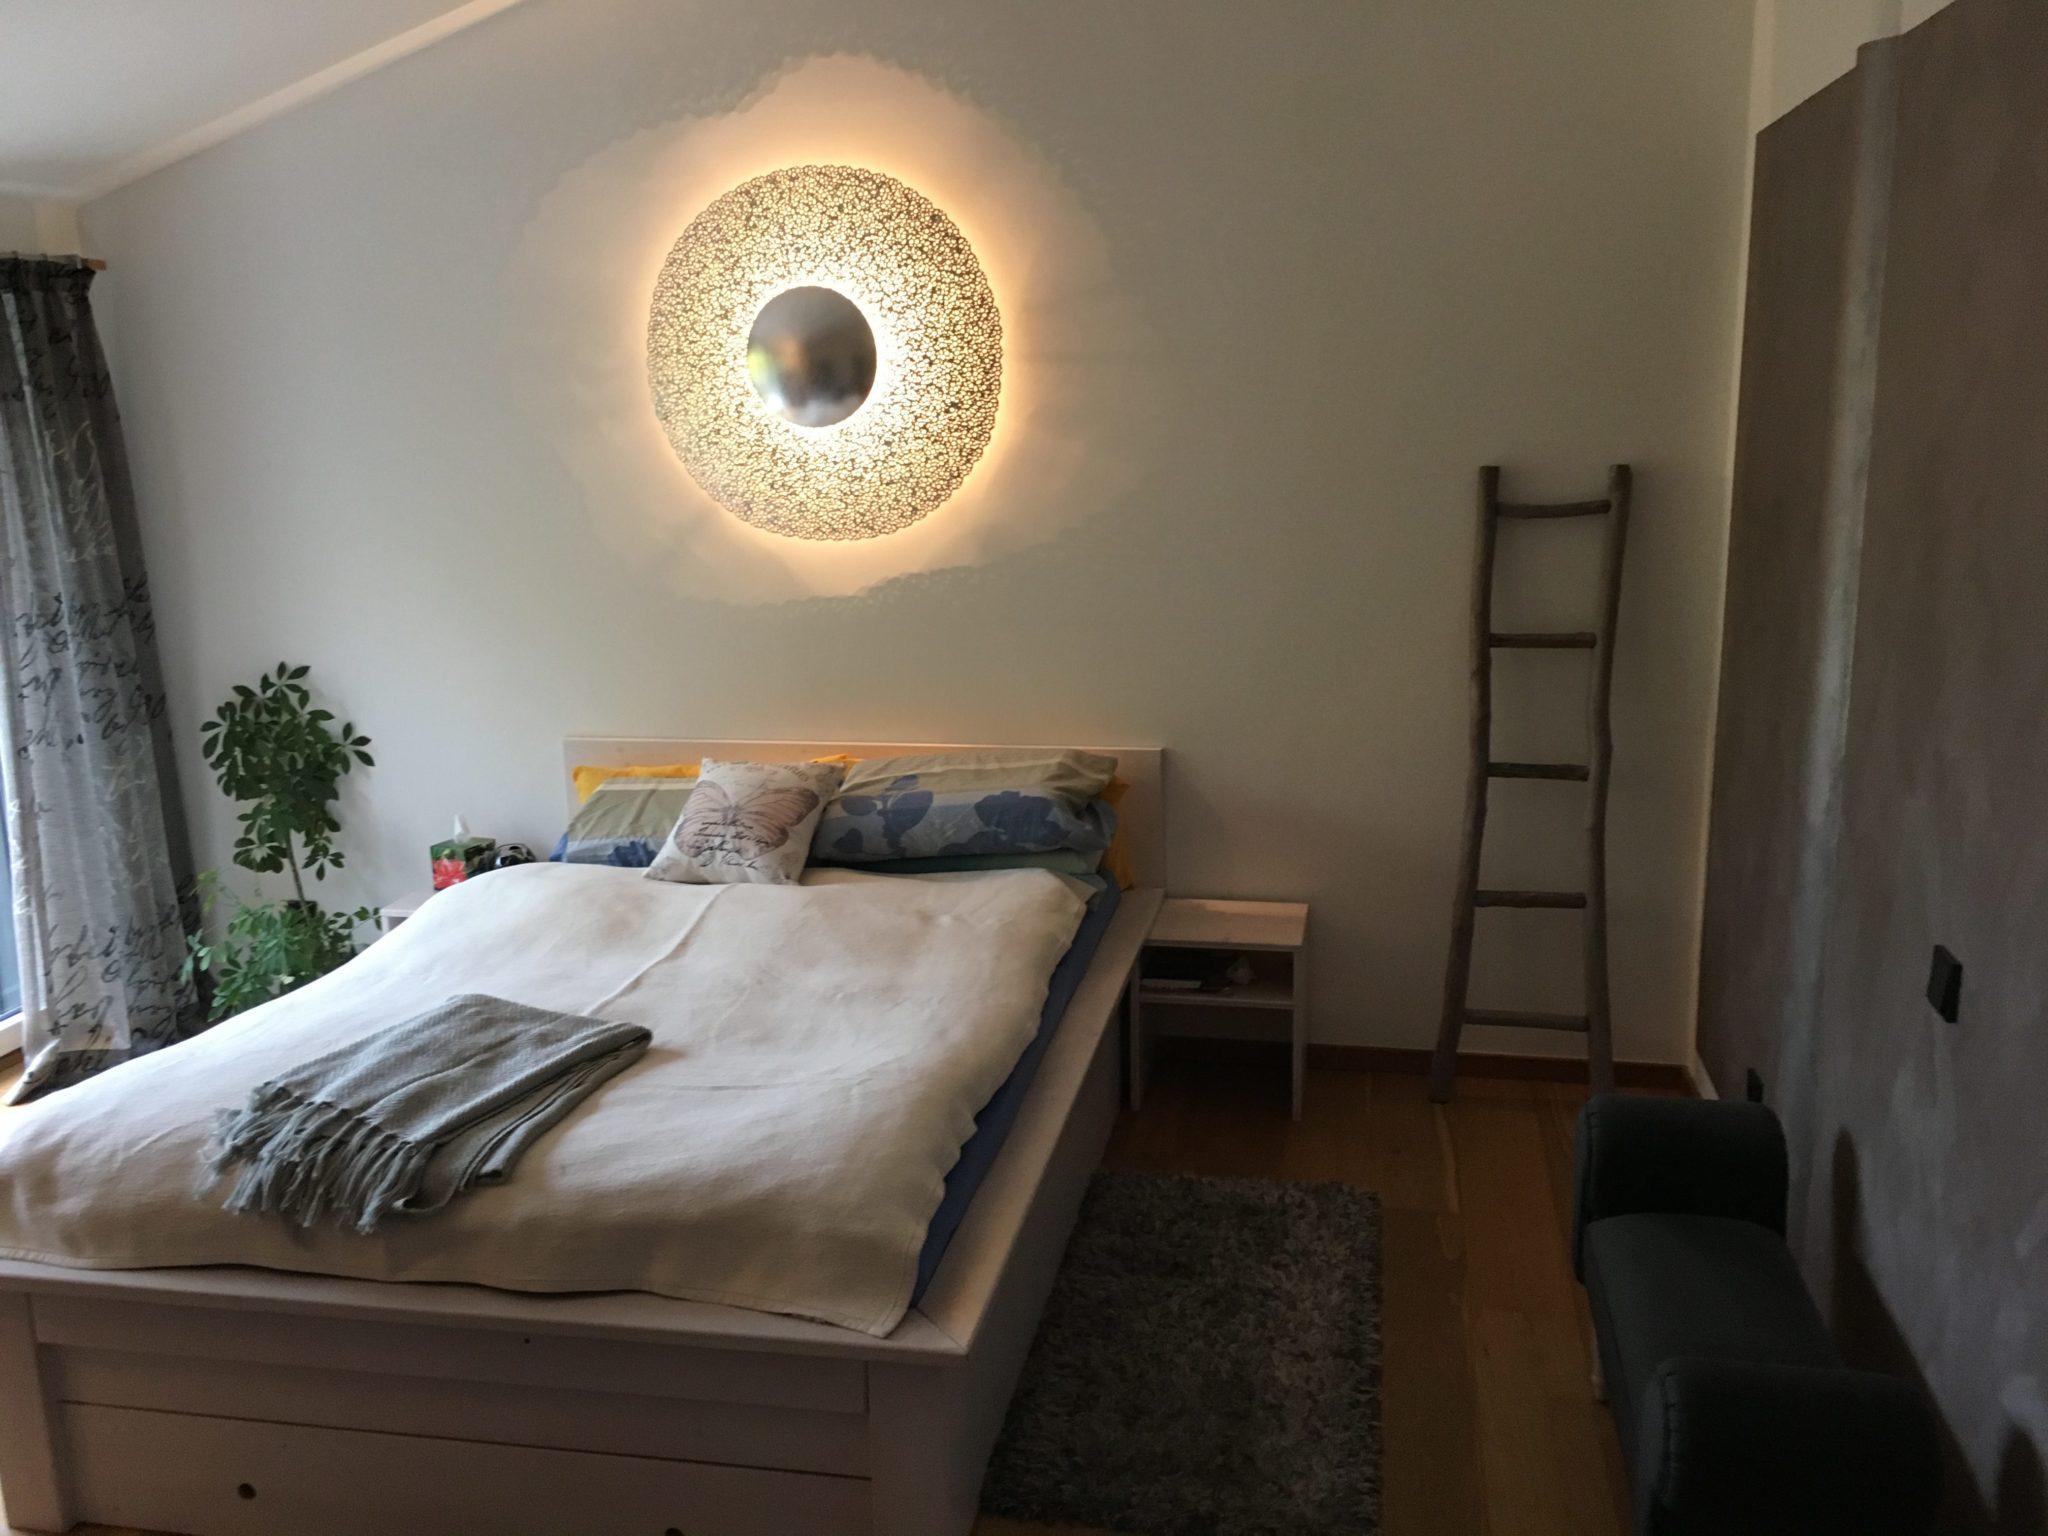 Schlafzimmer renovieren tipps bettdecken in test schlafsofas bei poco eisenbahn bettw sche - Poco wandfarbe ...